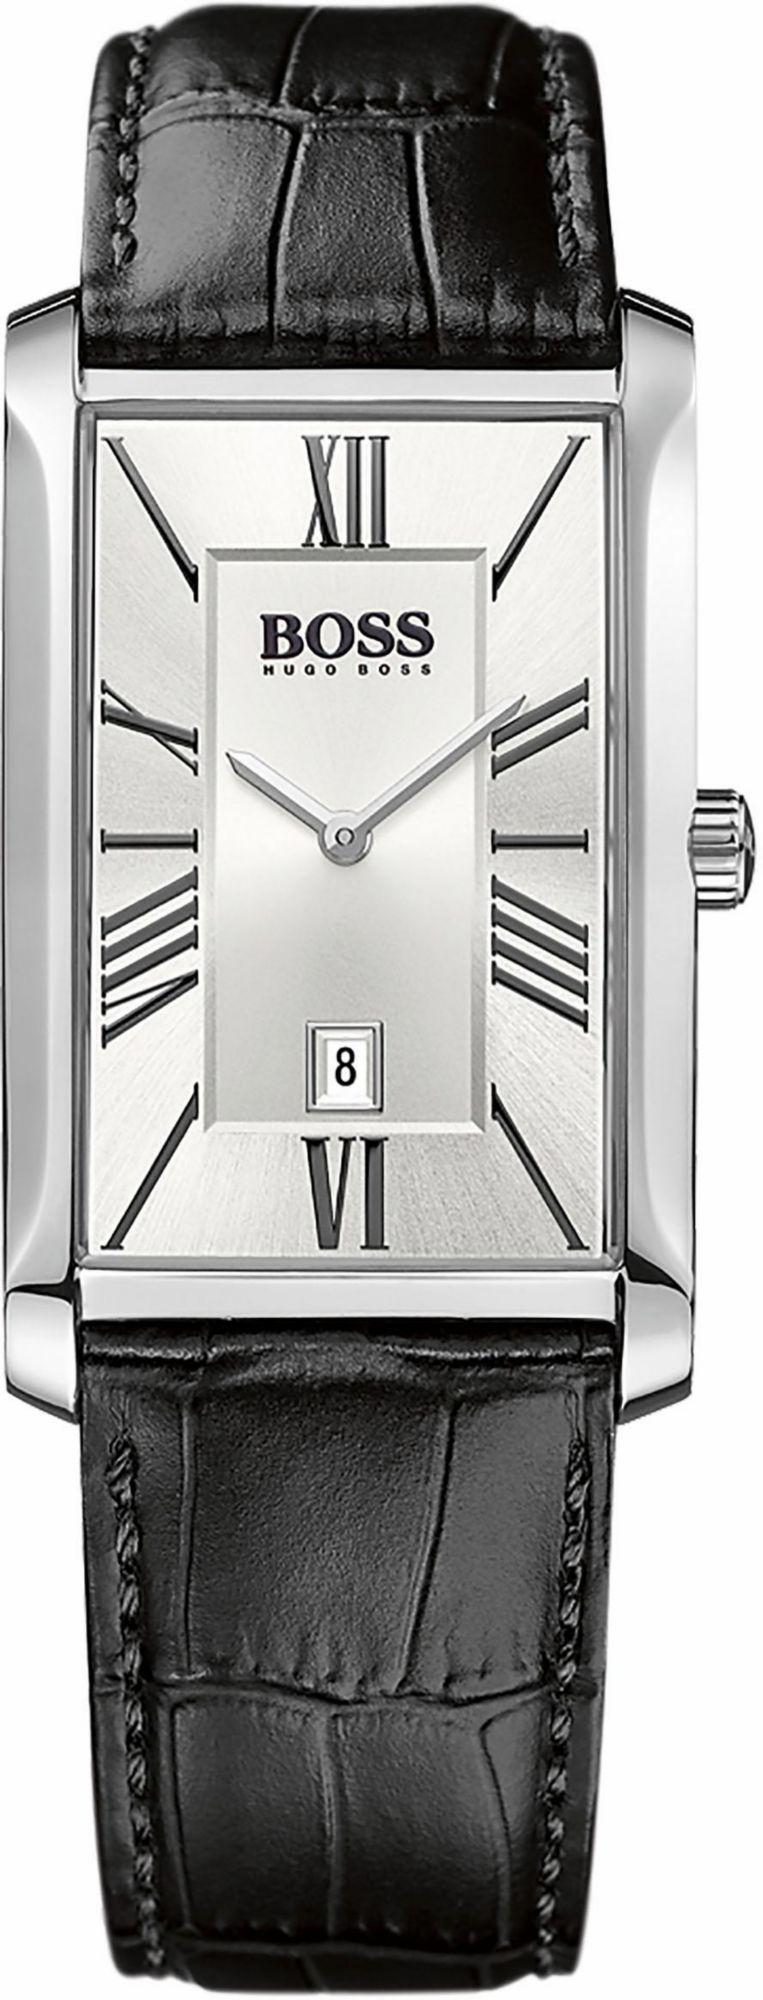 BOSS Boss Quarzuhr »Admiral, 1513435«